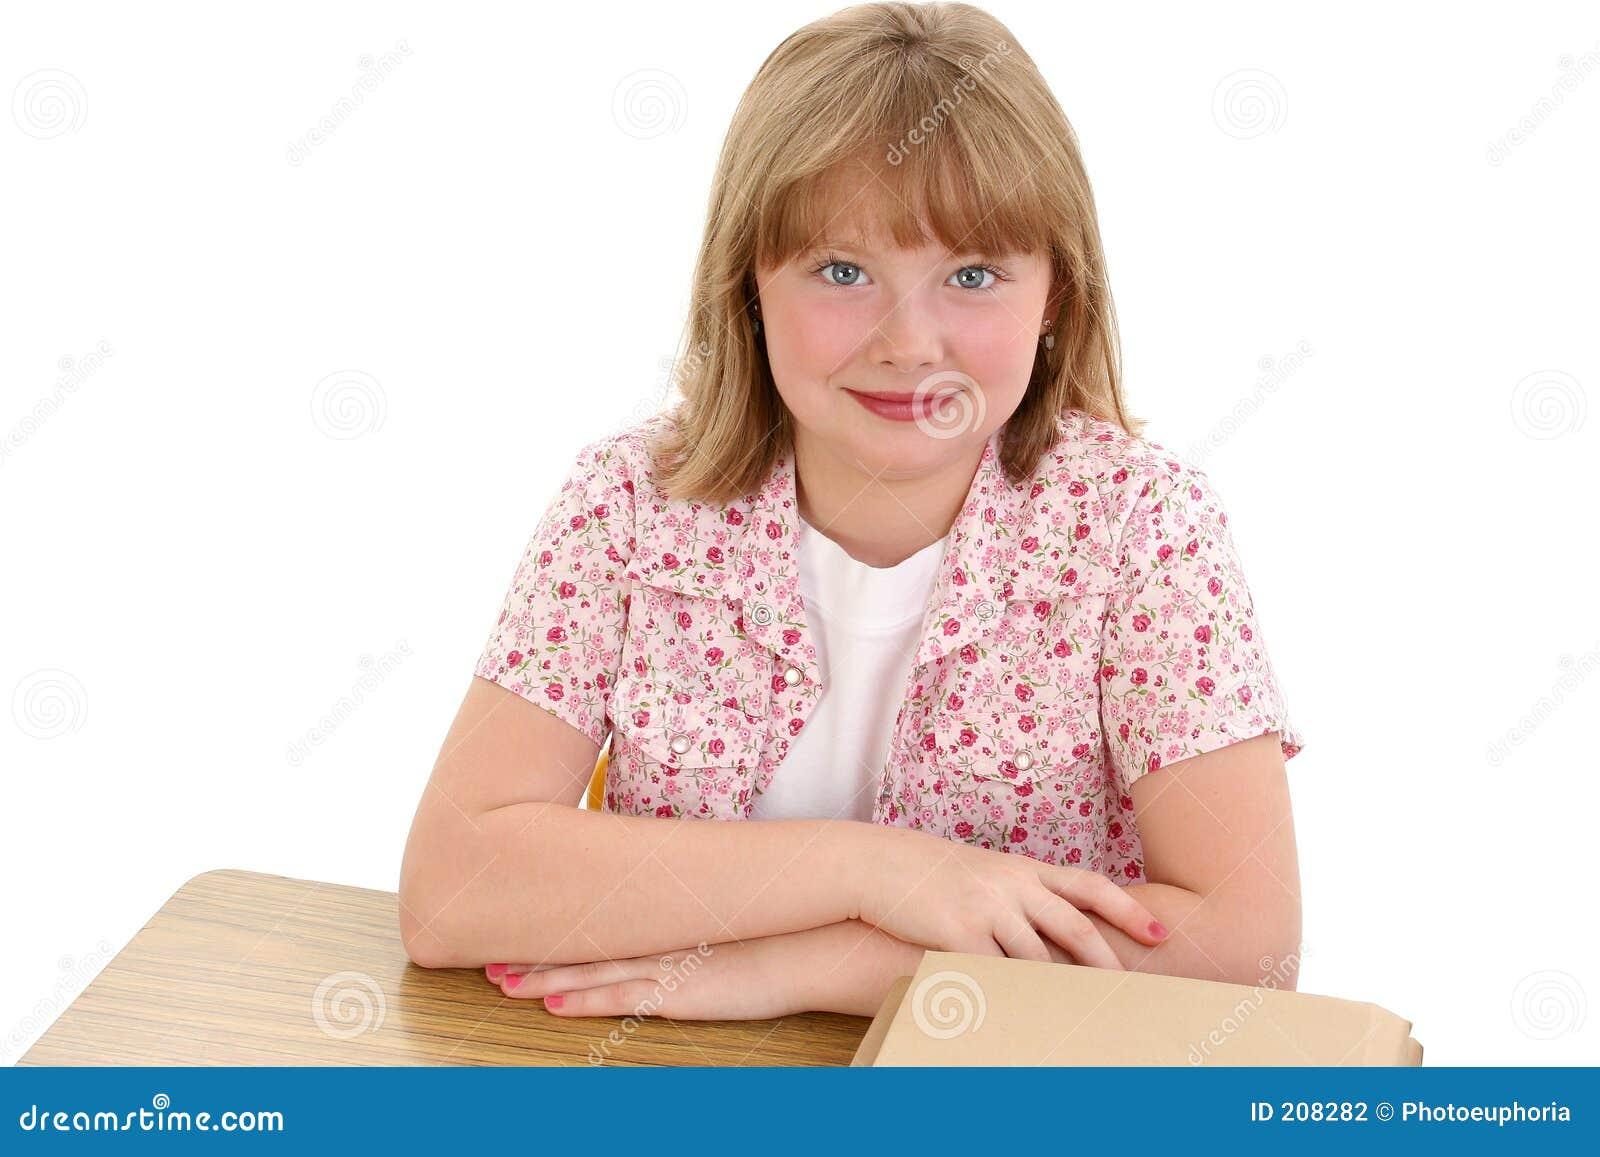 Piękną dziewczynę do szkoły siedzi młody